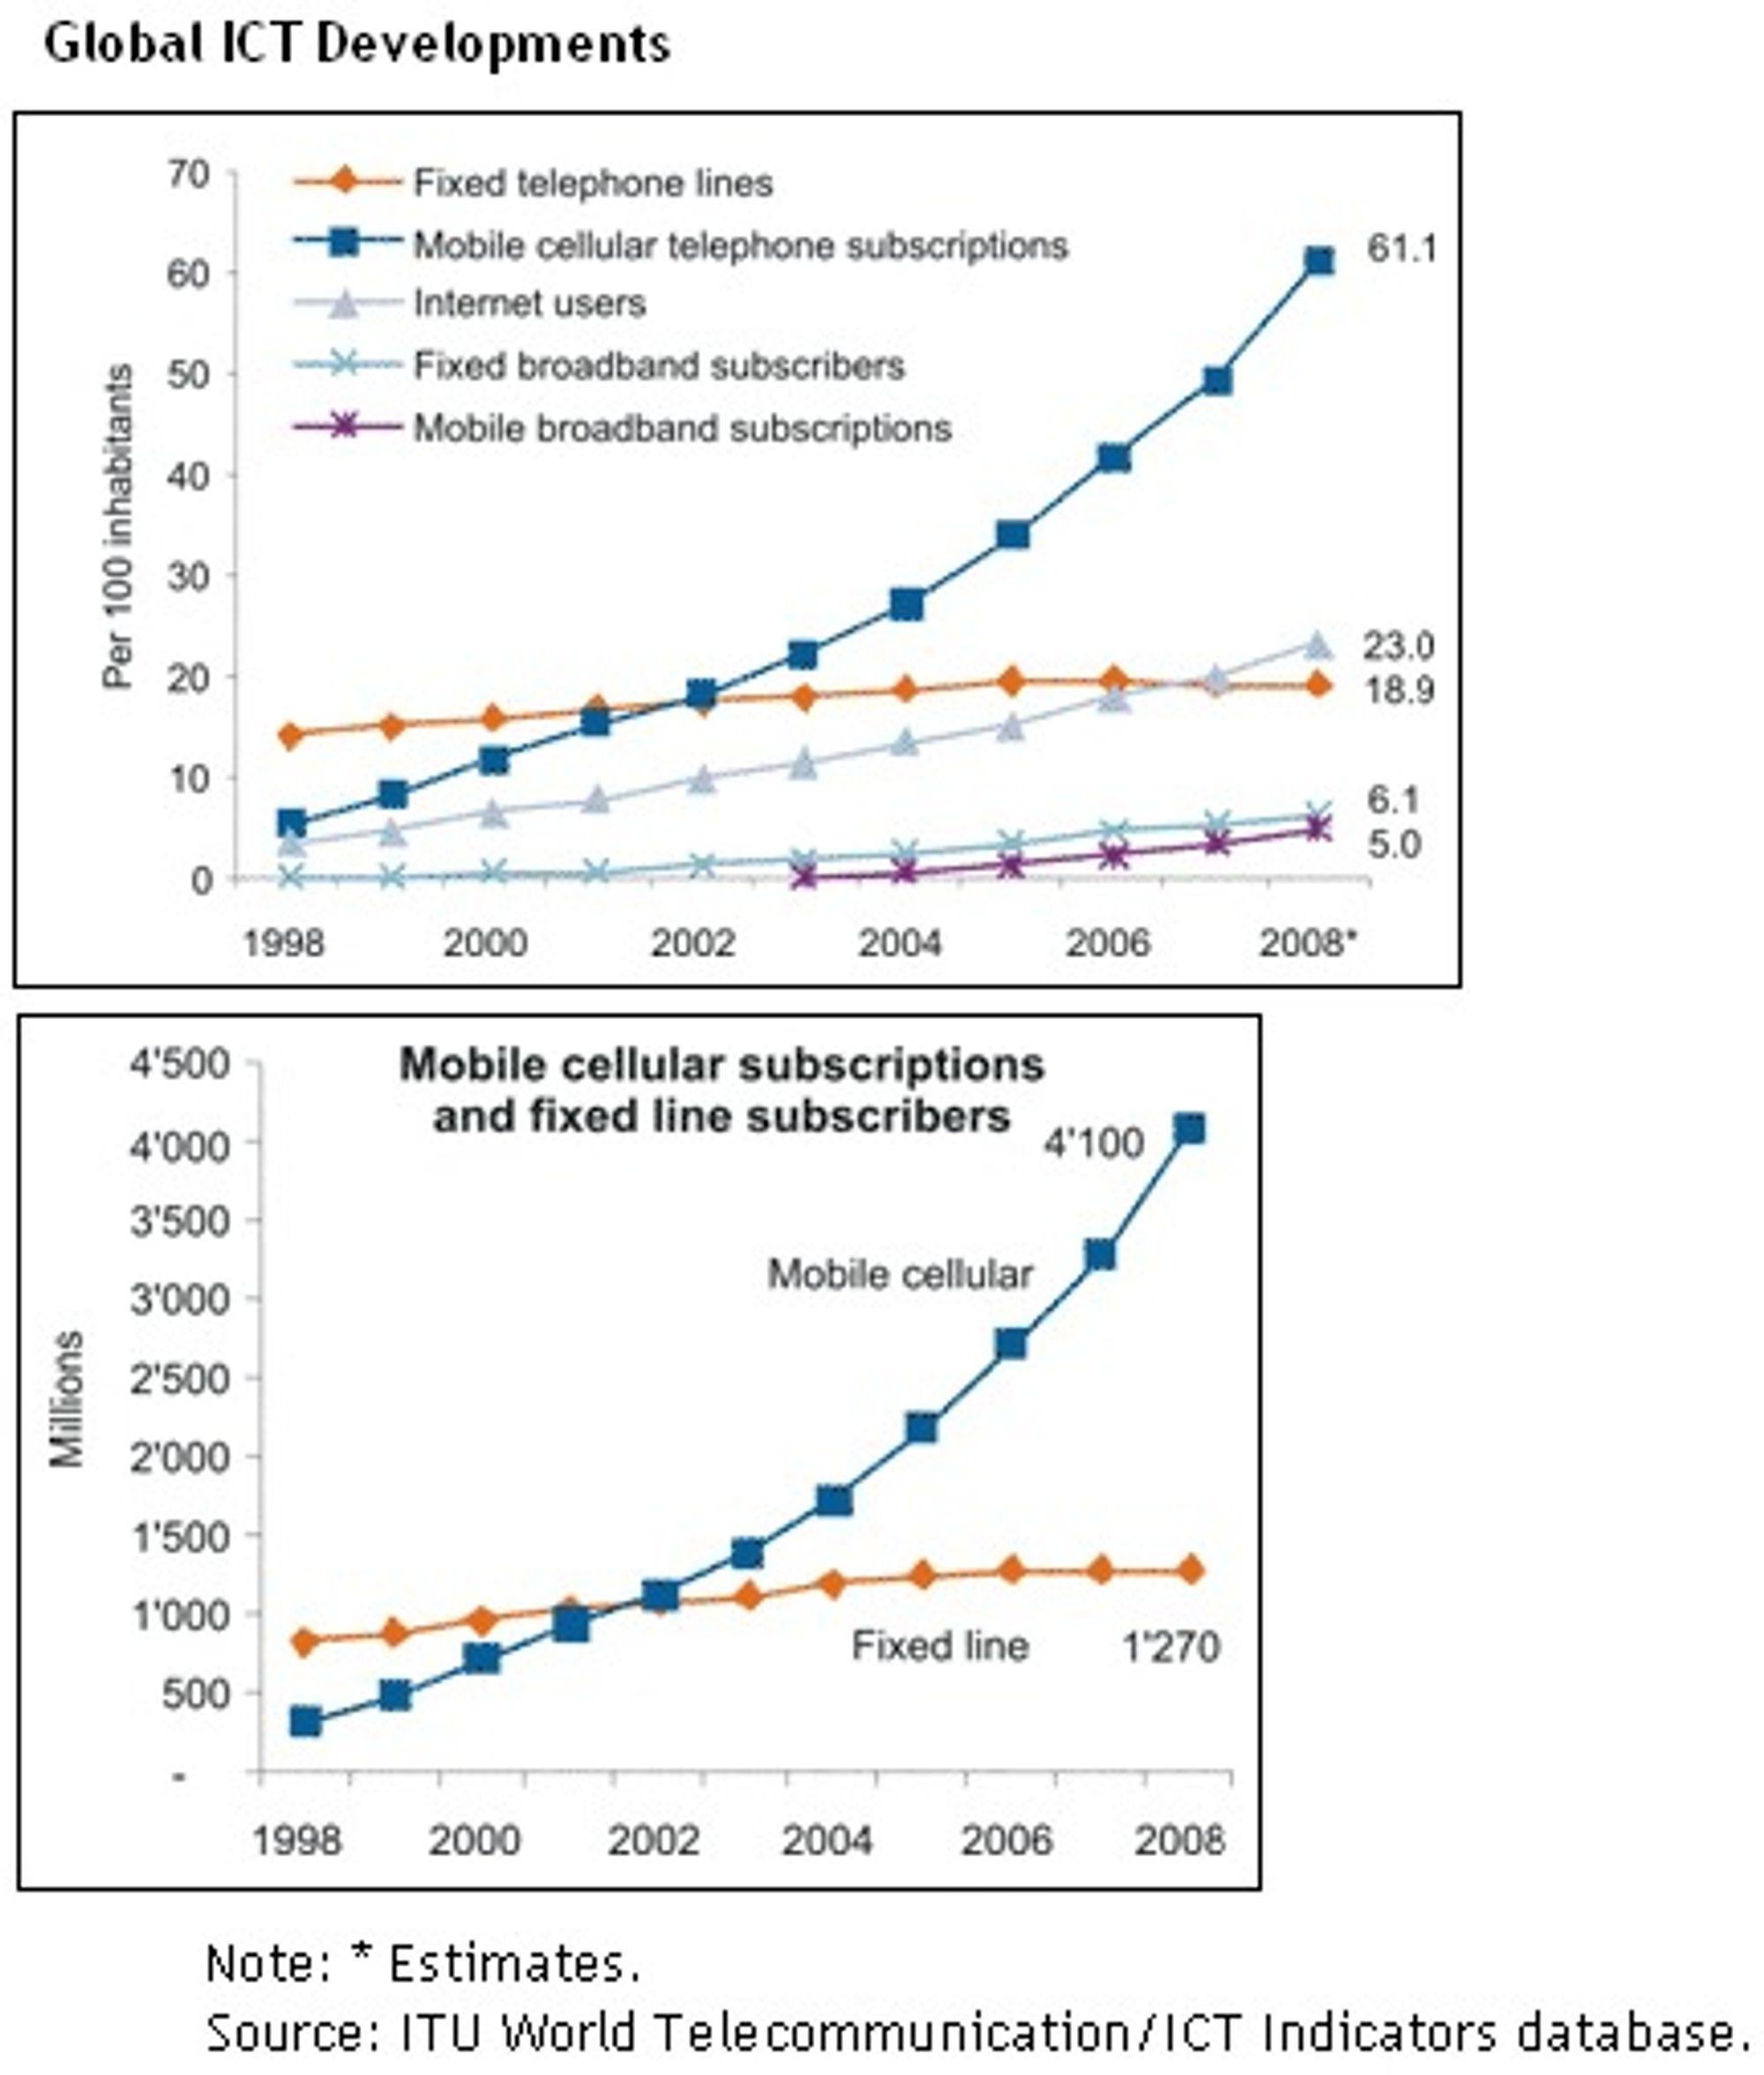 De siste årene er preget av sterk vekst innen IKT verden over. Andelen med mobilabonnement er 61,1 prosent, og det er 4,1 milliarder mobilabonnementer, ifølge Den internasjonale teleunionen ITU.